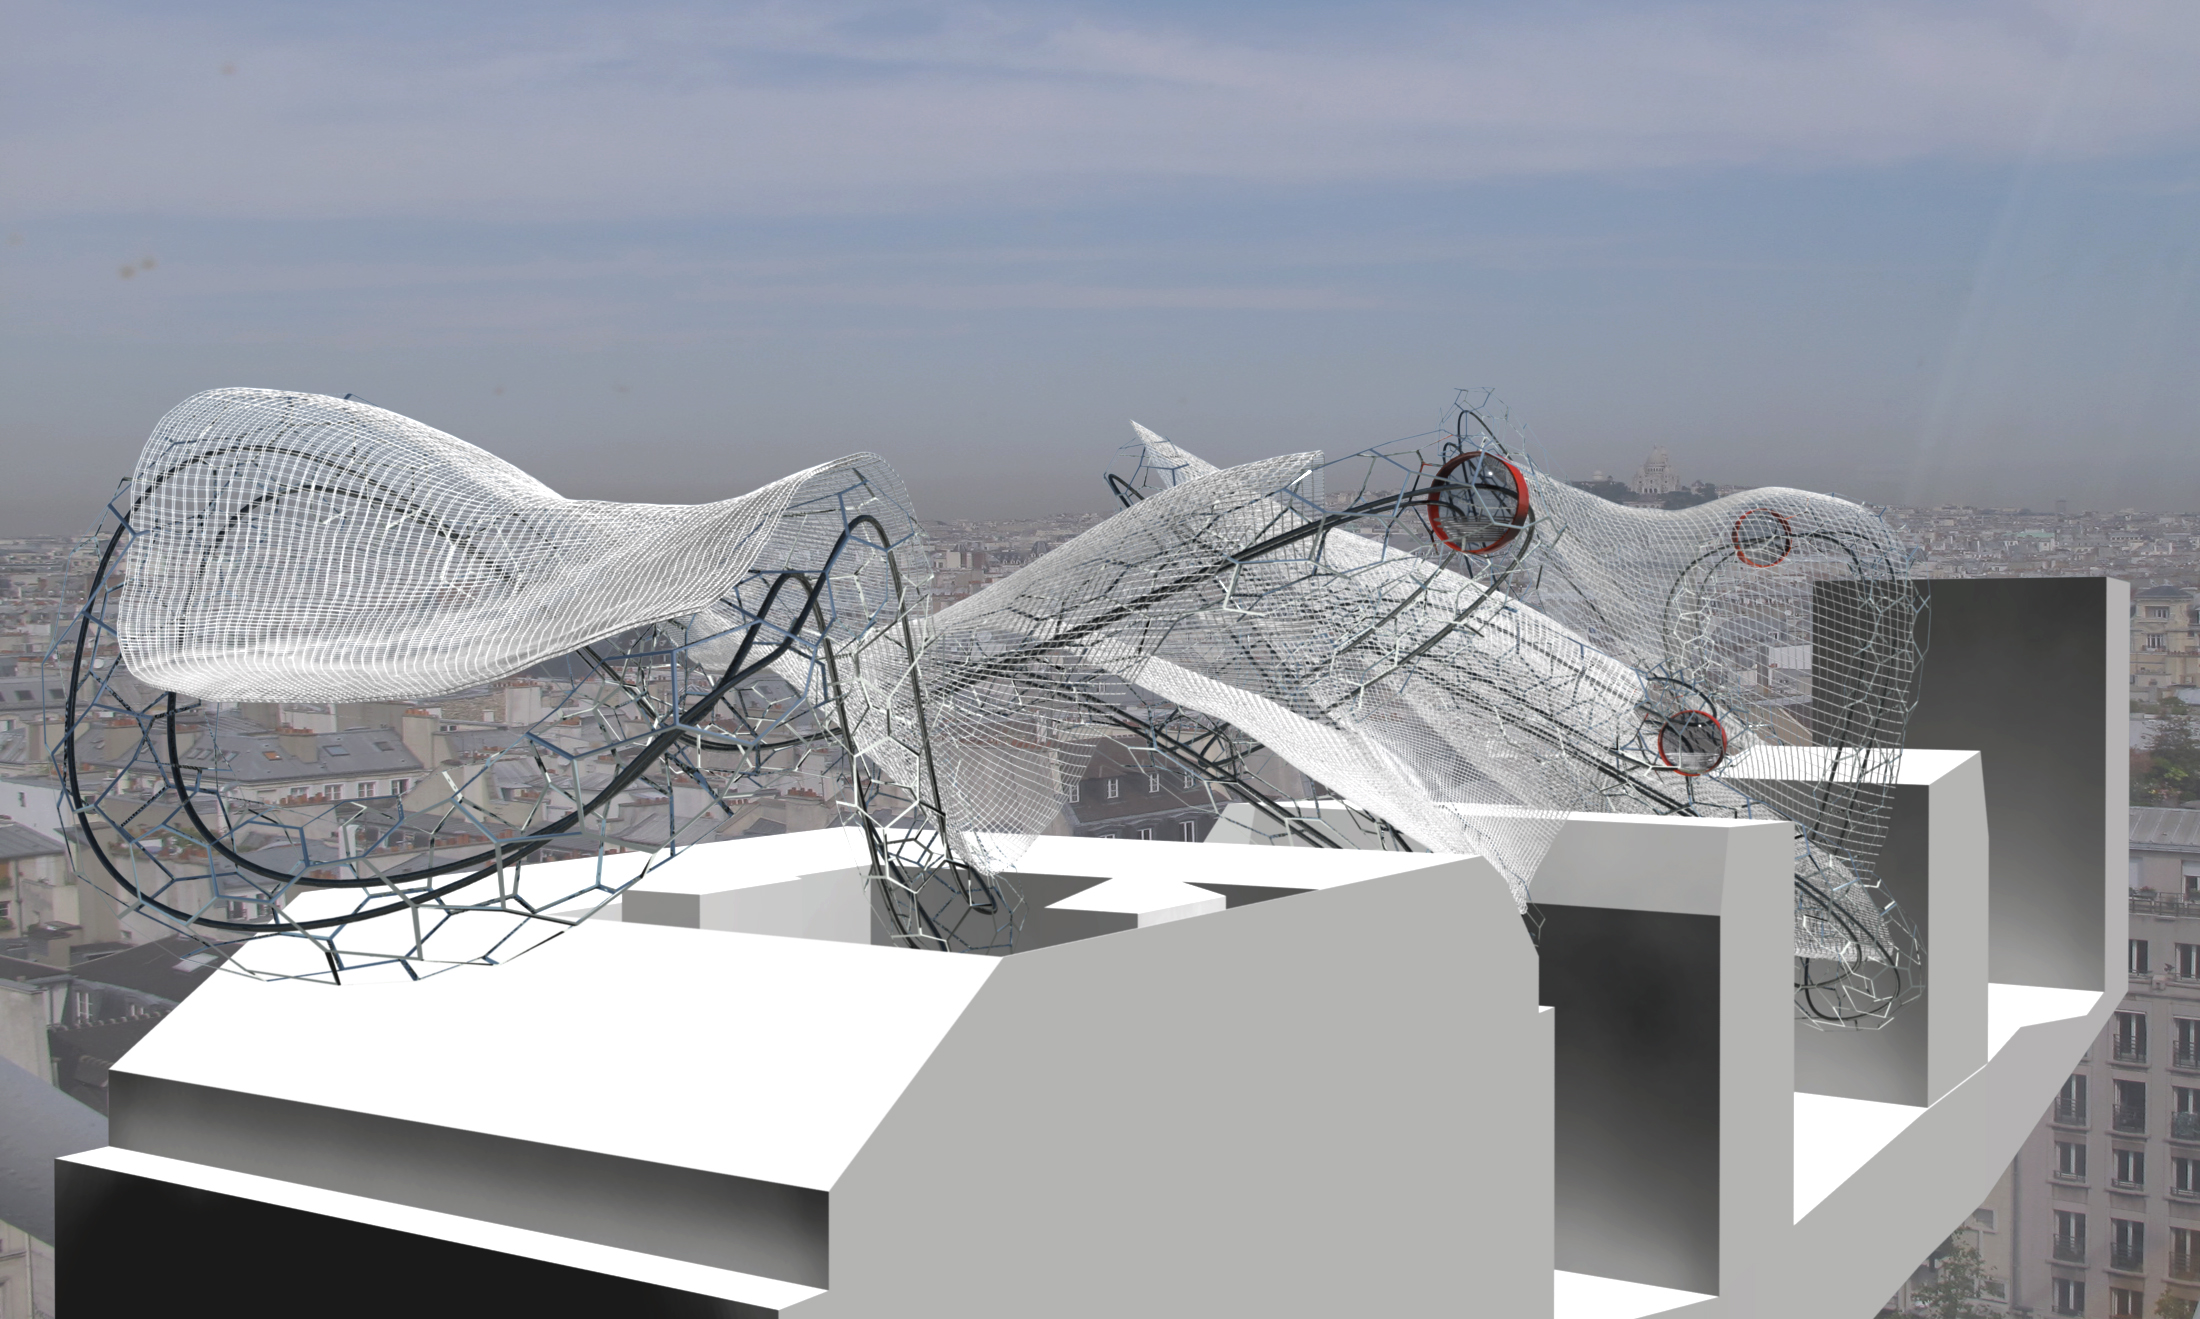 Roof Scraper